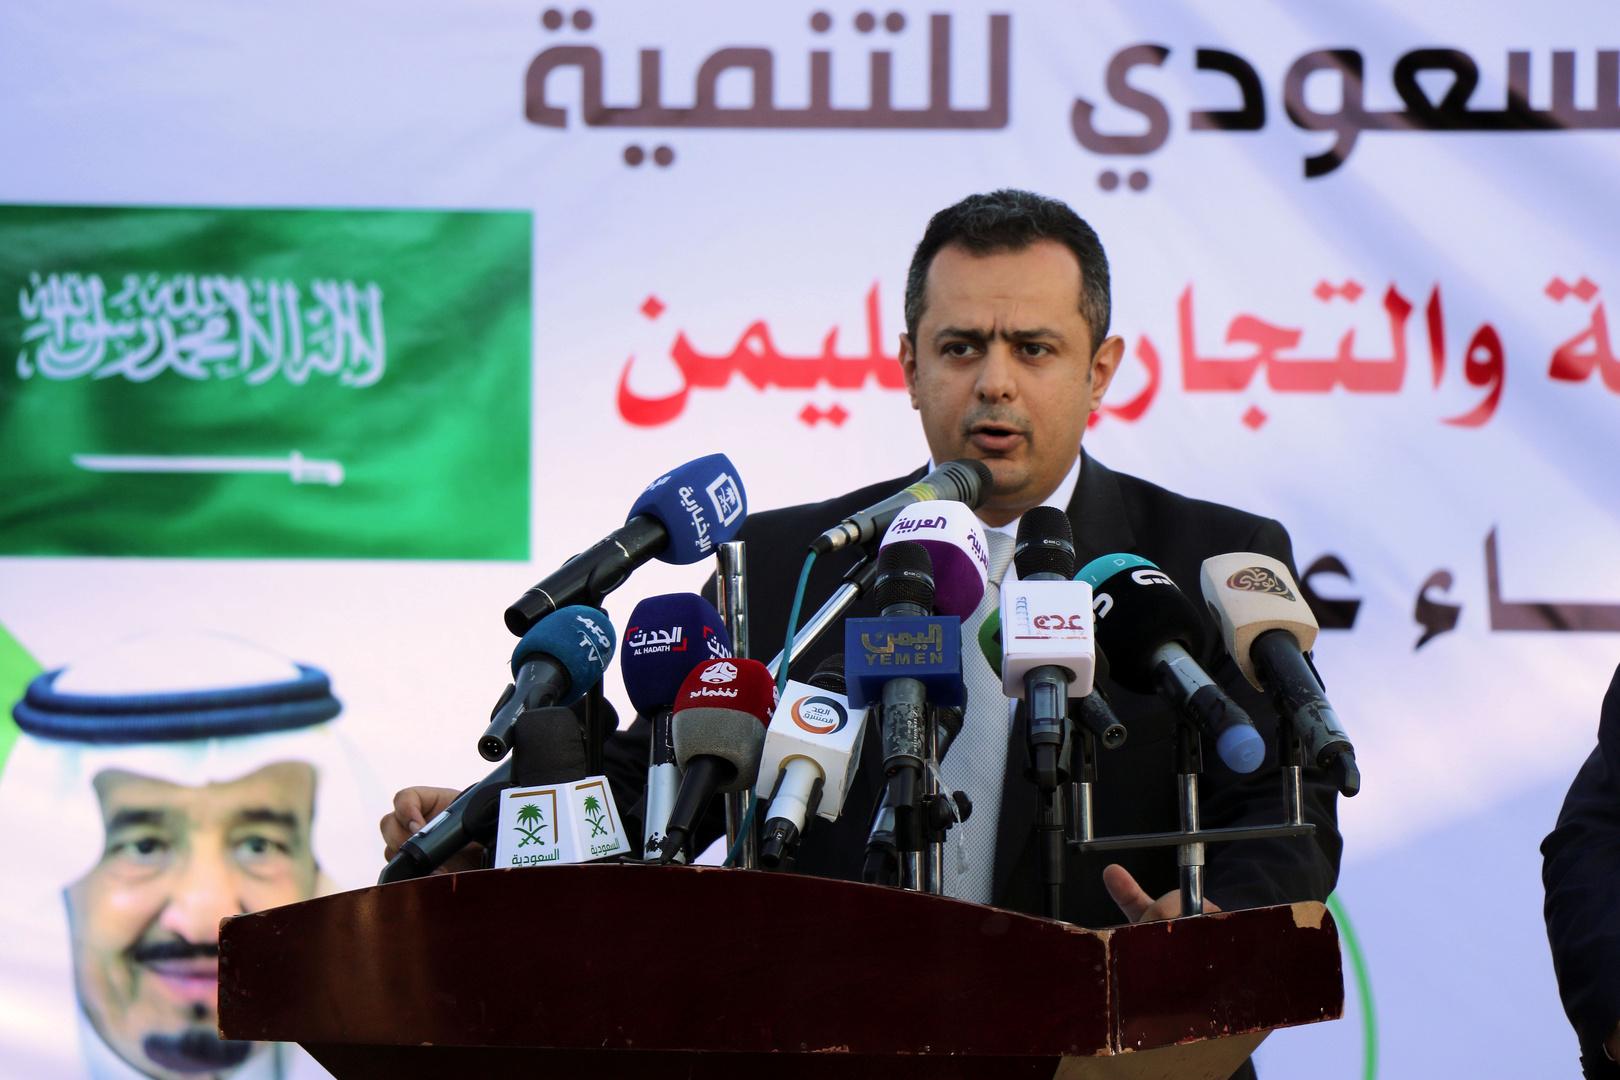 رئيس الحكومة اليمنية معين عبد الملك